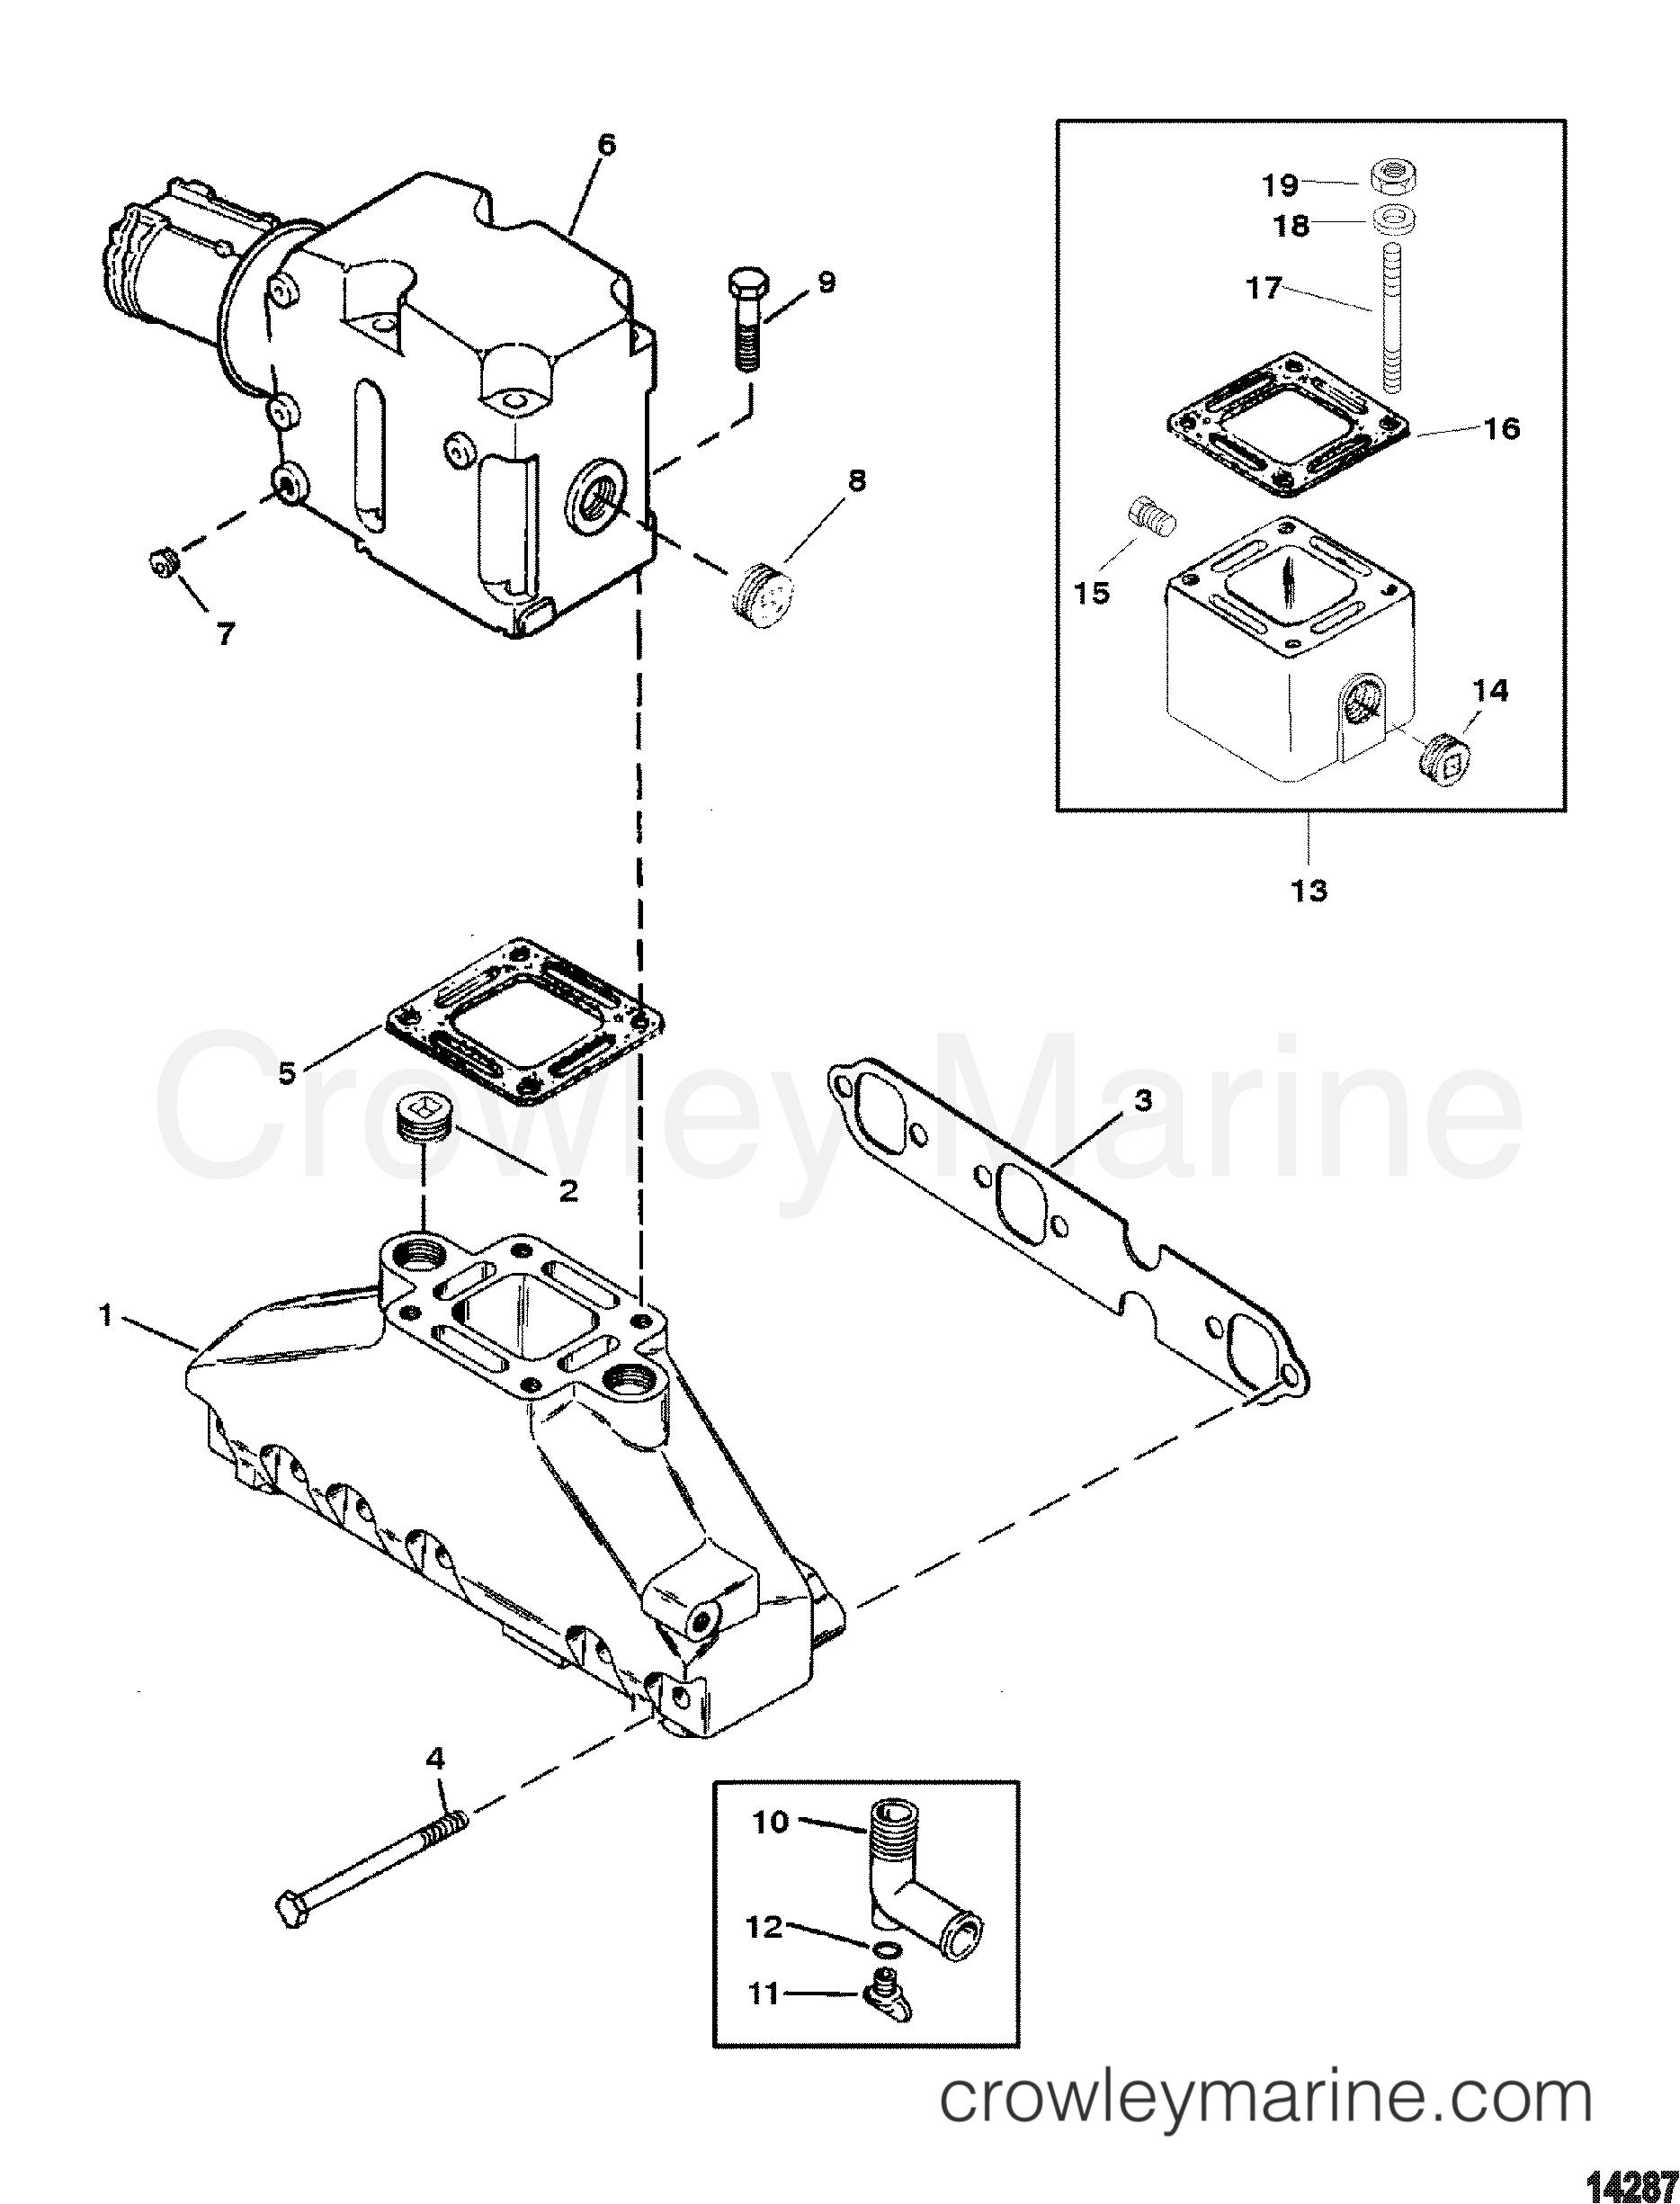 0583653 omc wiring diagram 93 omc wiring diagram mercruiser 5 7 firing order diagram imageresizertool com